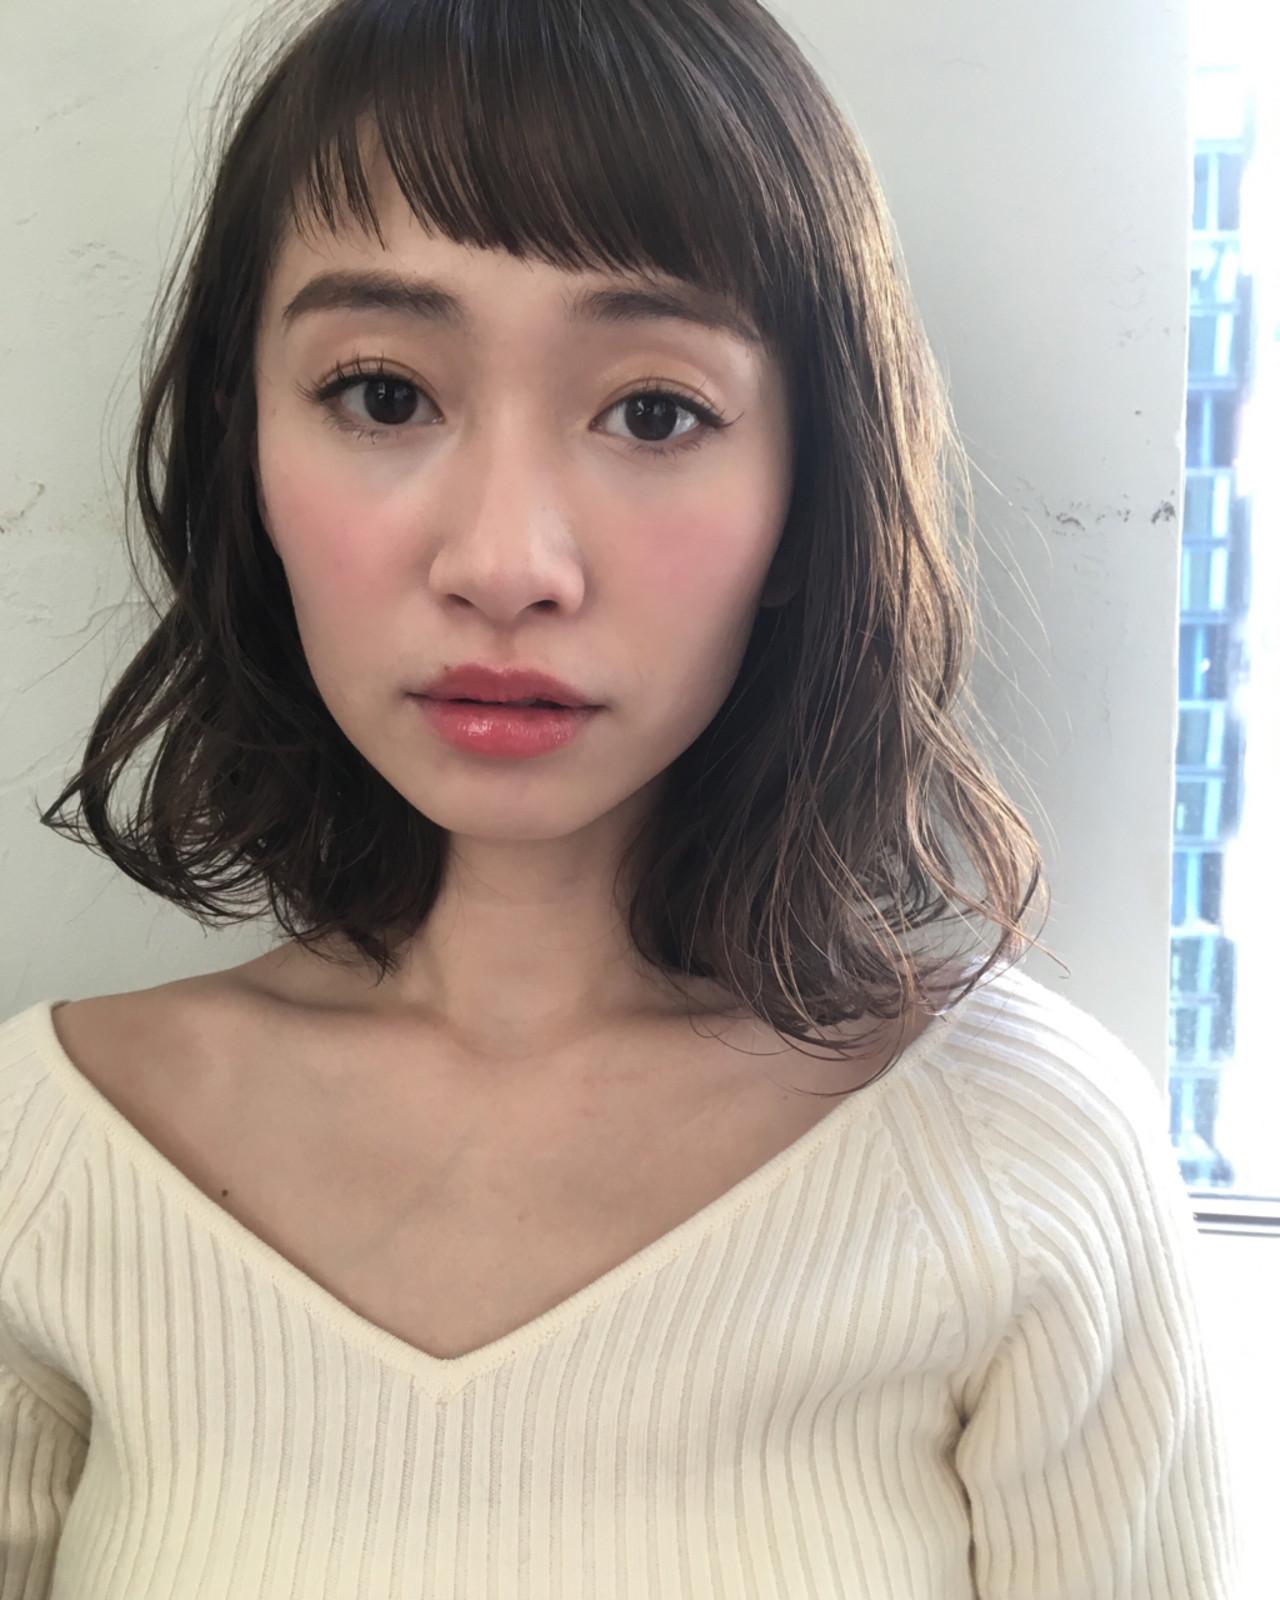 デート ナチュラル パーマ ミディアム ヘアスタイルや髪型の写真・画像 | joemi by unami 森千里 / joemi by unami 新宿